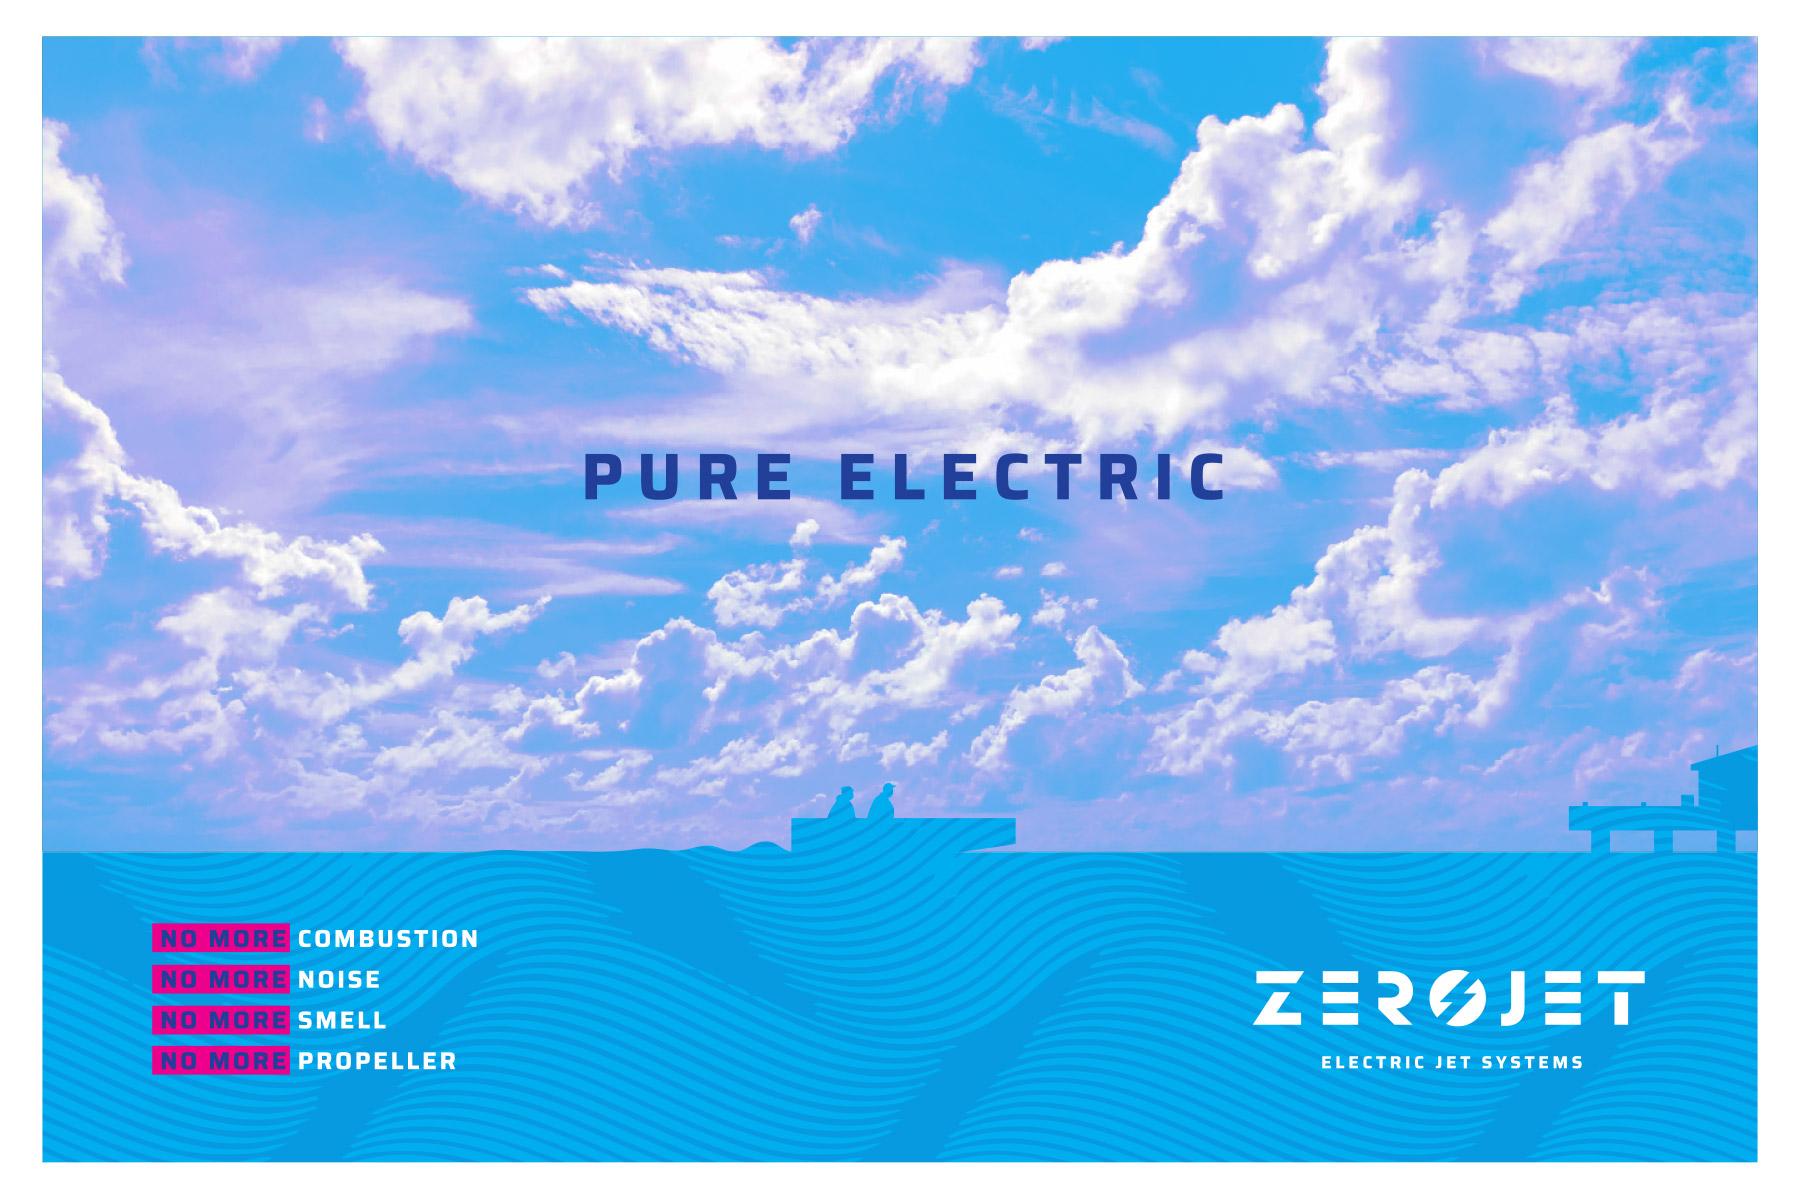 Rebrand_ZeroJet_Brand Naming